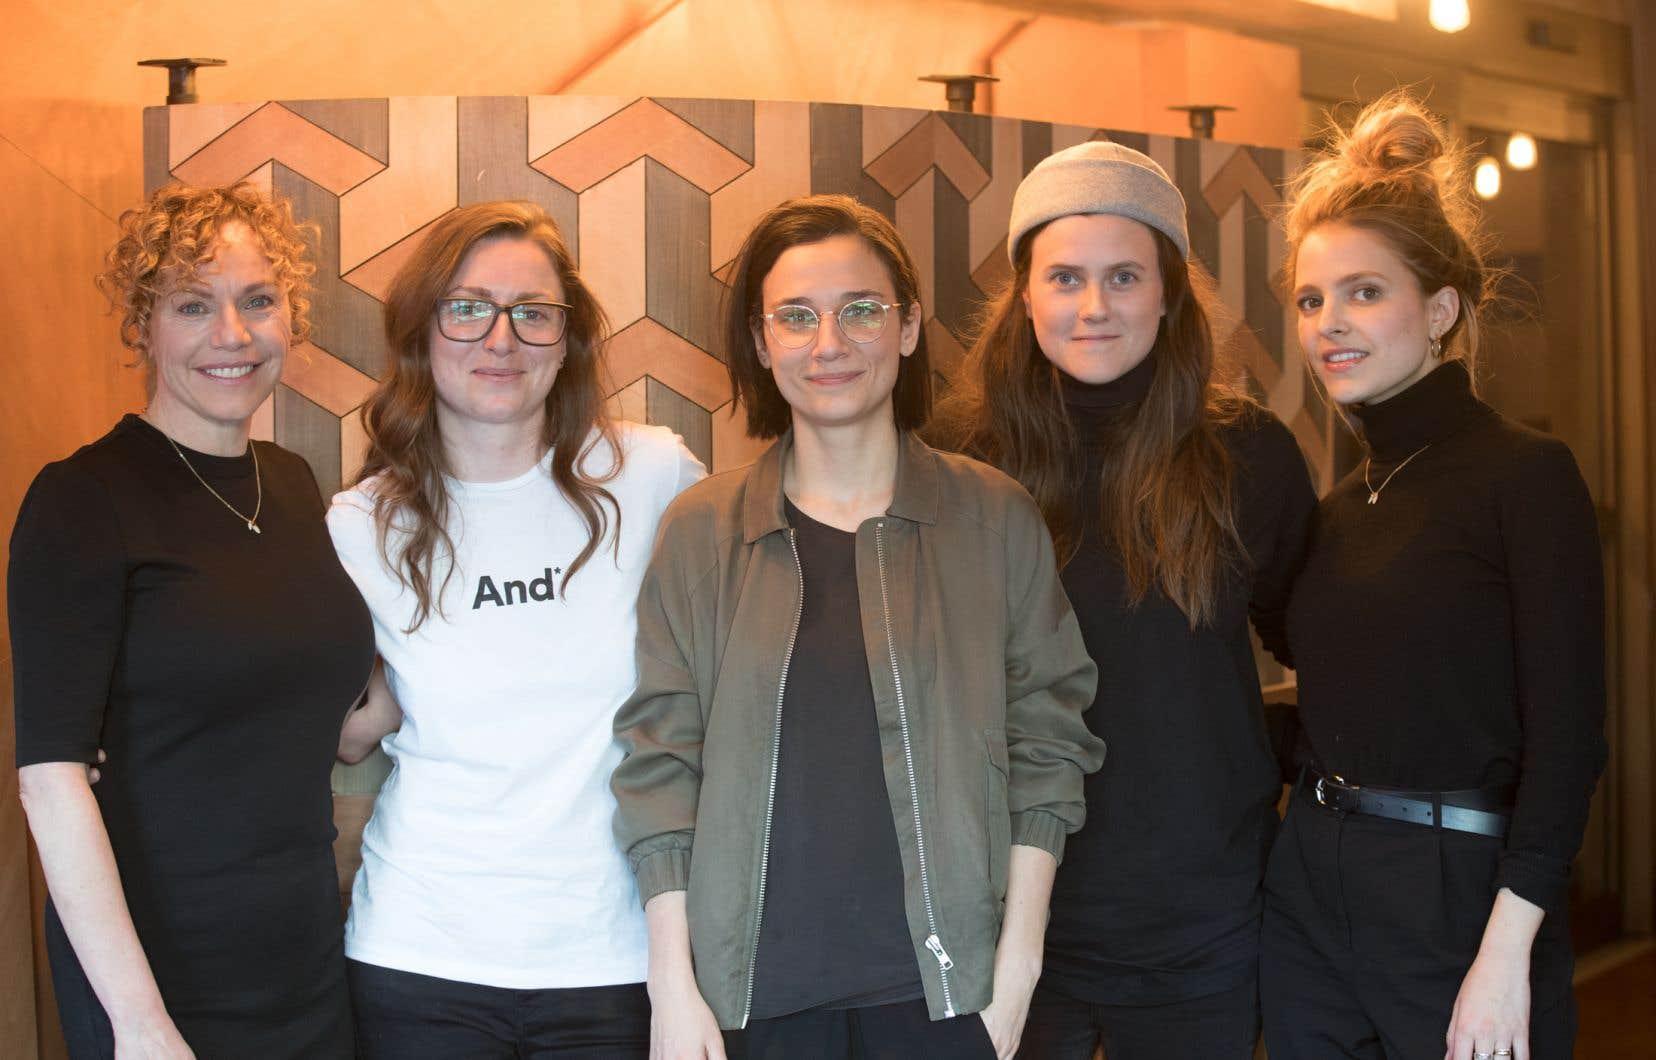 Les actrices Macha Limonchik et Sarah-Jeanne Labrosse entourent le trio de tête de «Féminin/Féminin» (de gauche à droite) : la productrice Carolyne Boucher et les idéatrices Chloé Robichaud et Florence Gagnon.